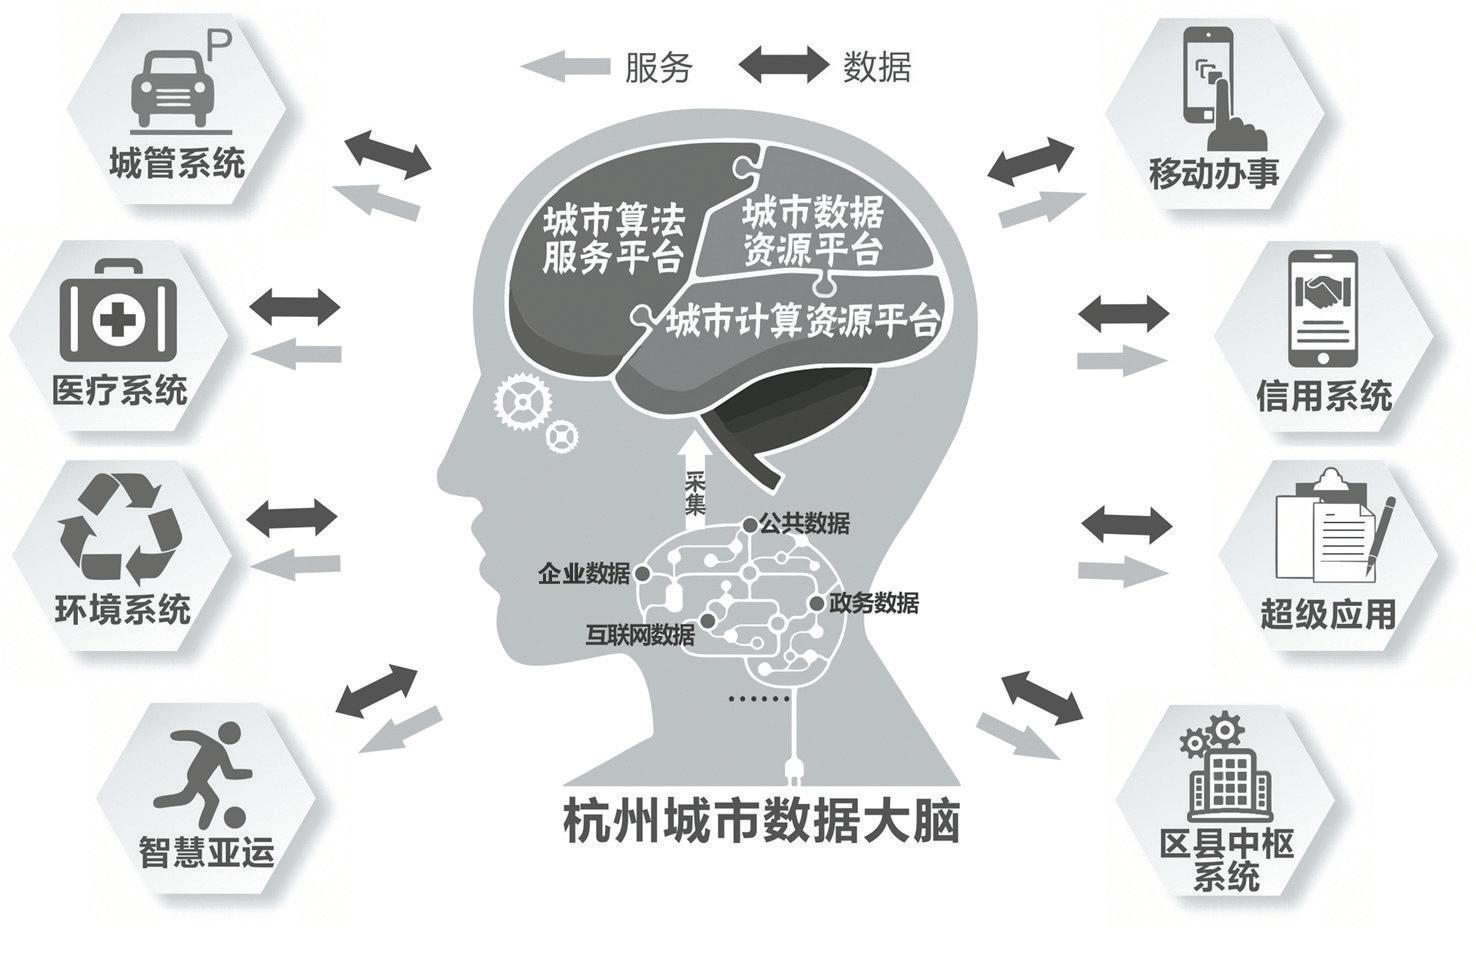 杭州:2022年基本完成城市数据大脑在各行业系统建设